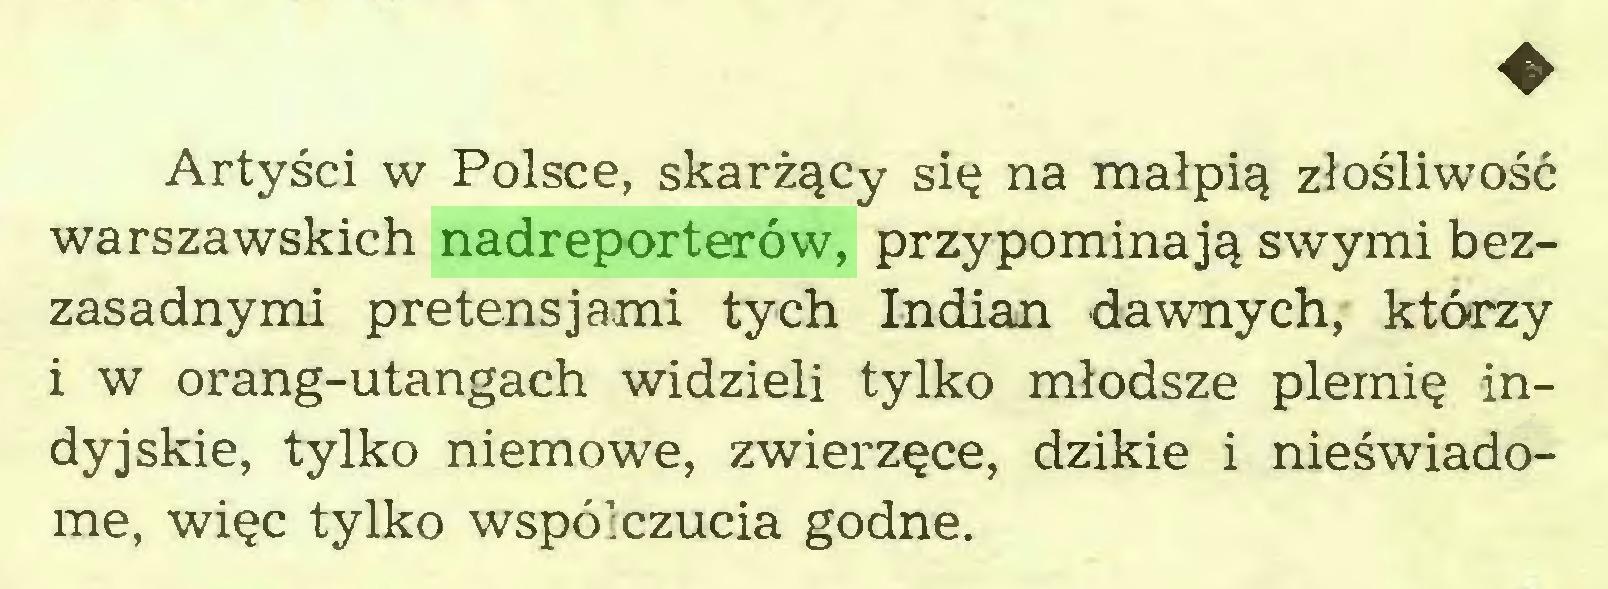 (...) ♦ Artyści w Polsce, skarżący się na małpią złośliwość warszawskich nadreporterów, przypominają swymi bezzasadnymi pretensjami tych Indian dawnych, którzy i w orang-utangach widzieli tylko młodsze plemię indyjskie, tylko niemowe, zwierzęce, dzikie i nieświadome, więc tylko współczucia godne...